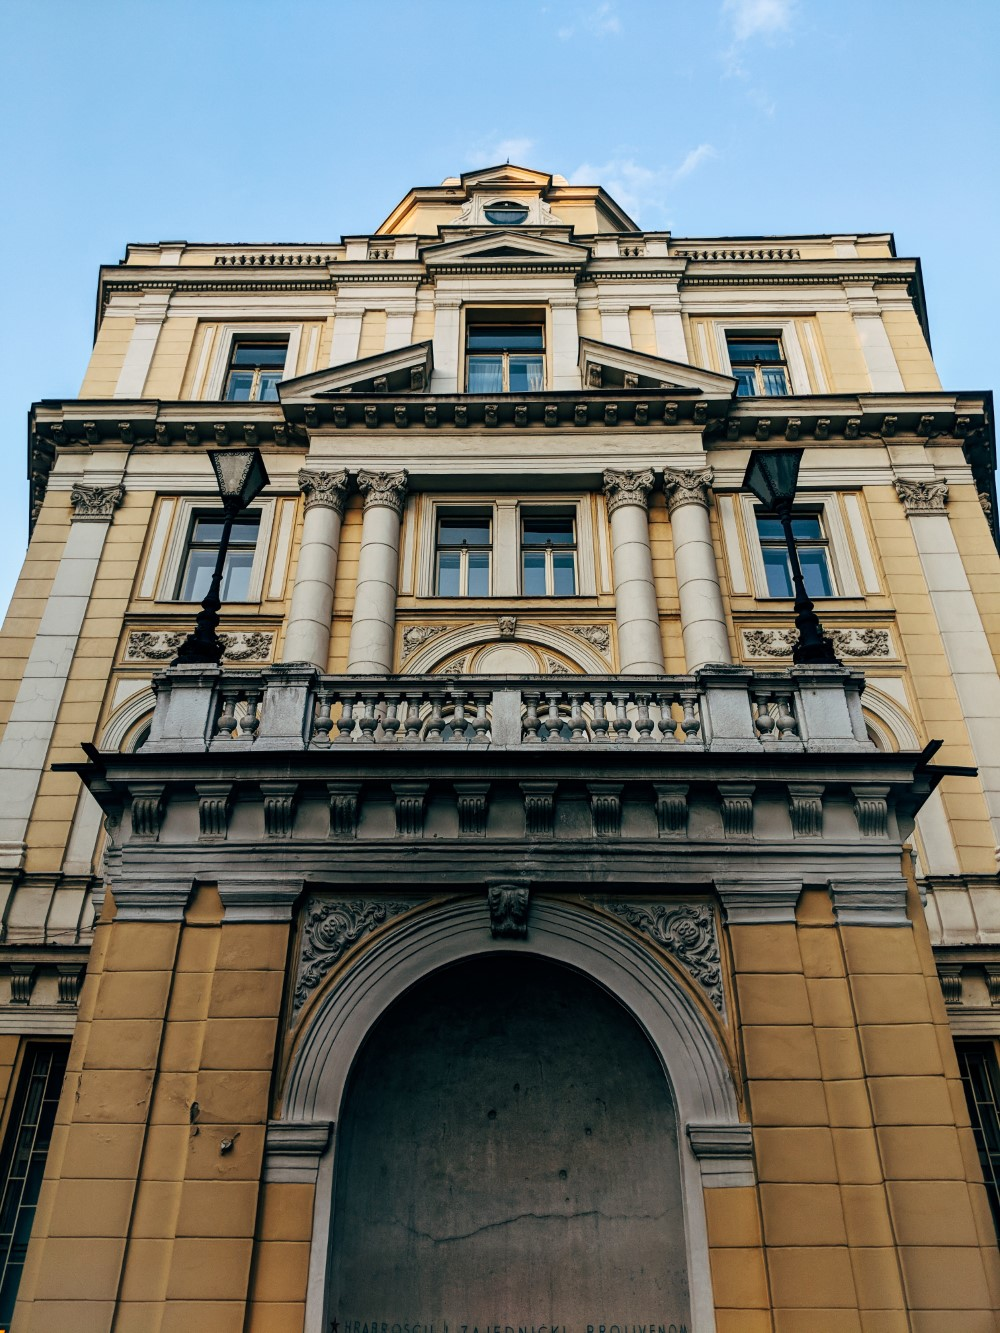 Vizesiz Balkan İncisi Saraybosna Turu 3 Gün